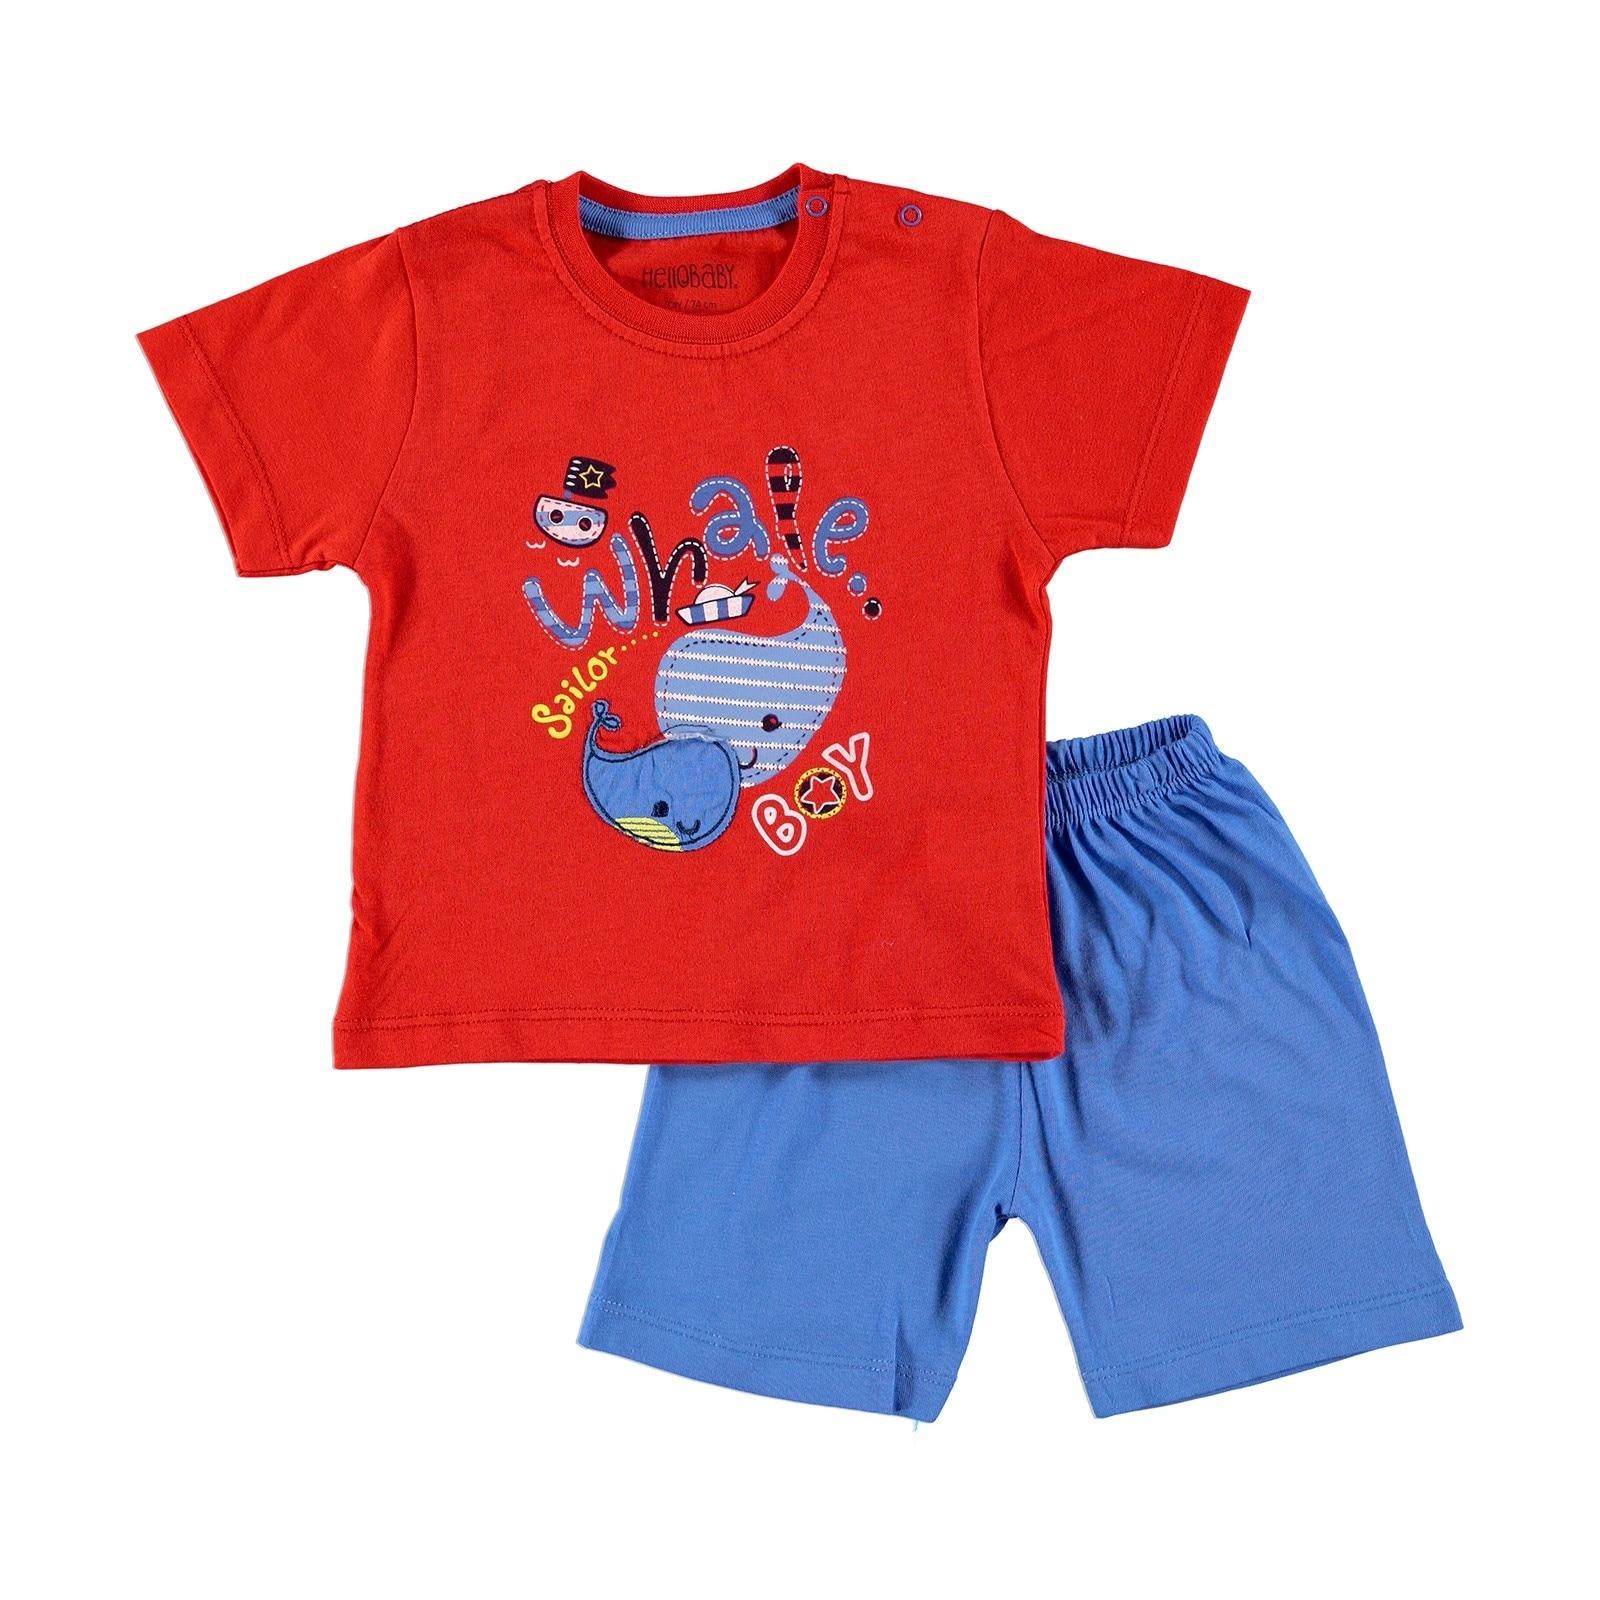 Ebebek HelloBaby conjunto de pijamas de manga corta de algodón de manga corta con estampado de dibujos animados Regular cuello redondo ropa de bebé Casual 2020 verano